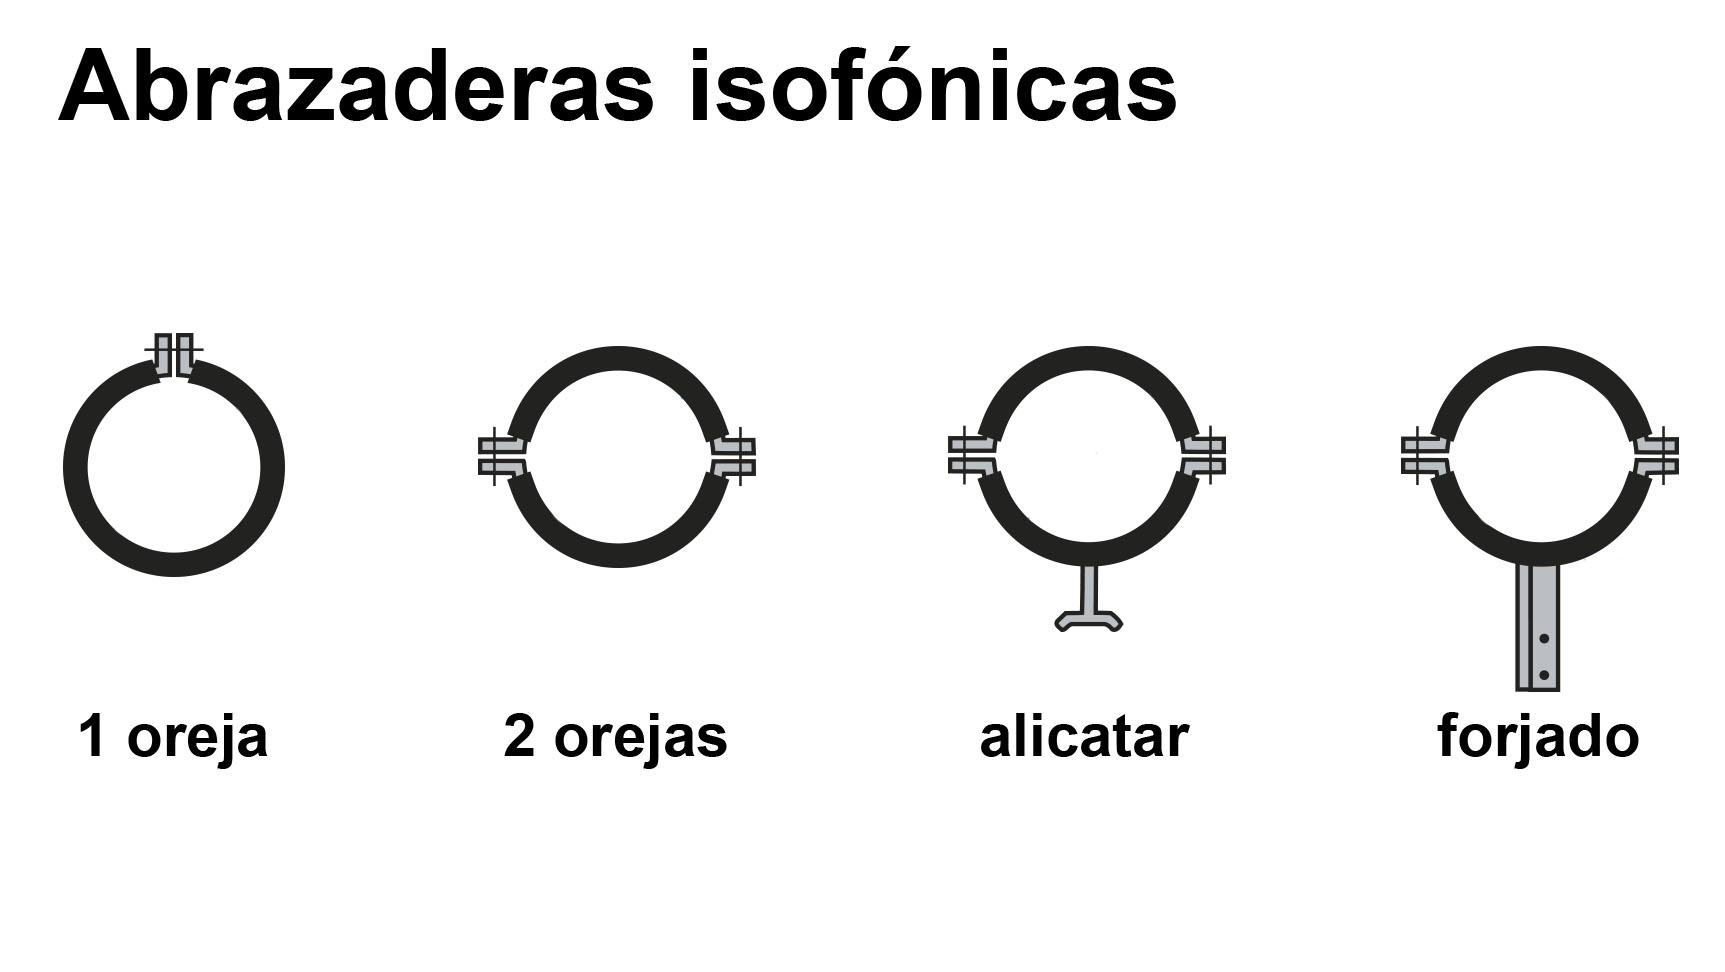 Abrazaderas isofónicas